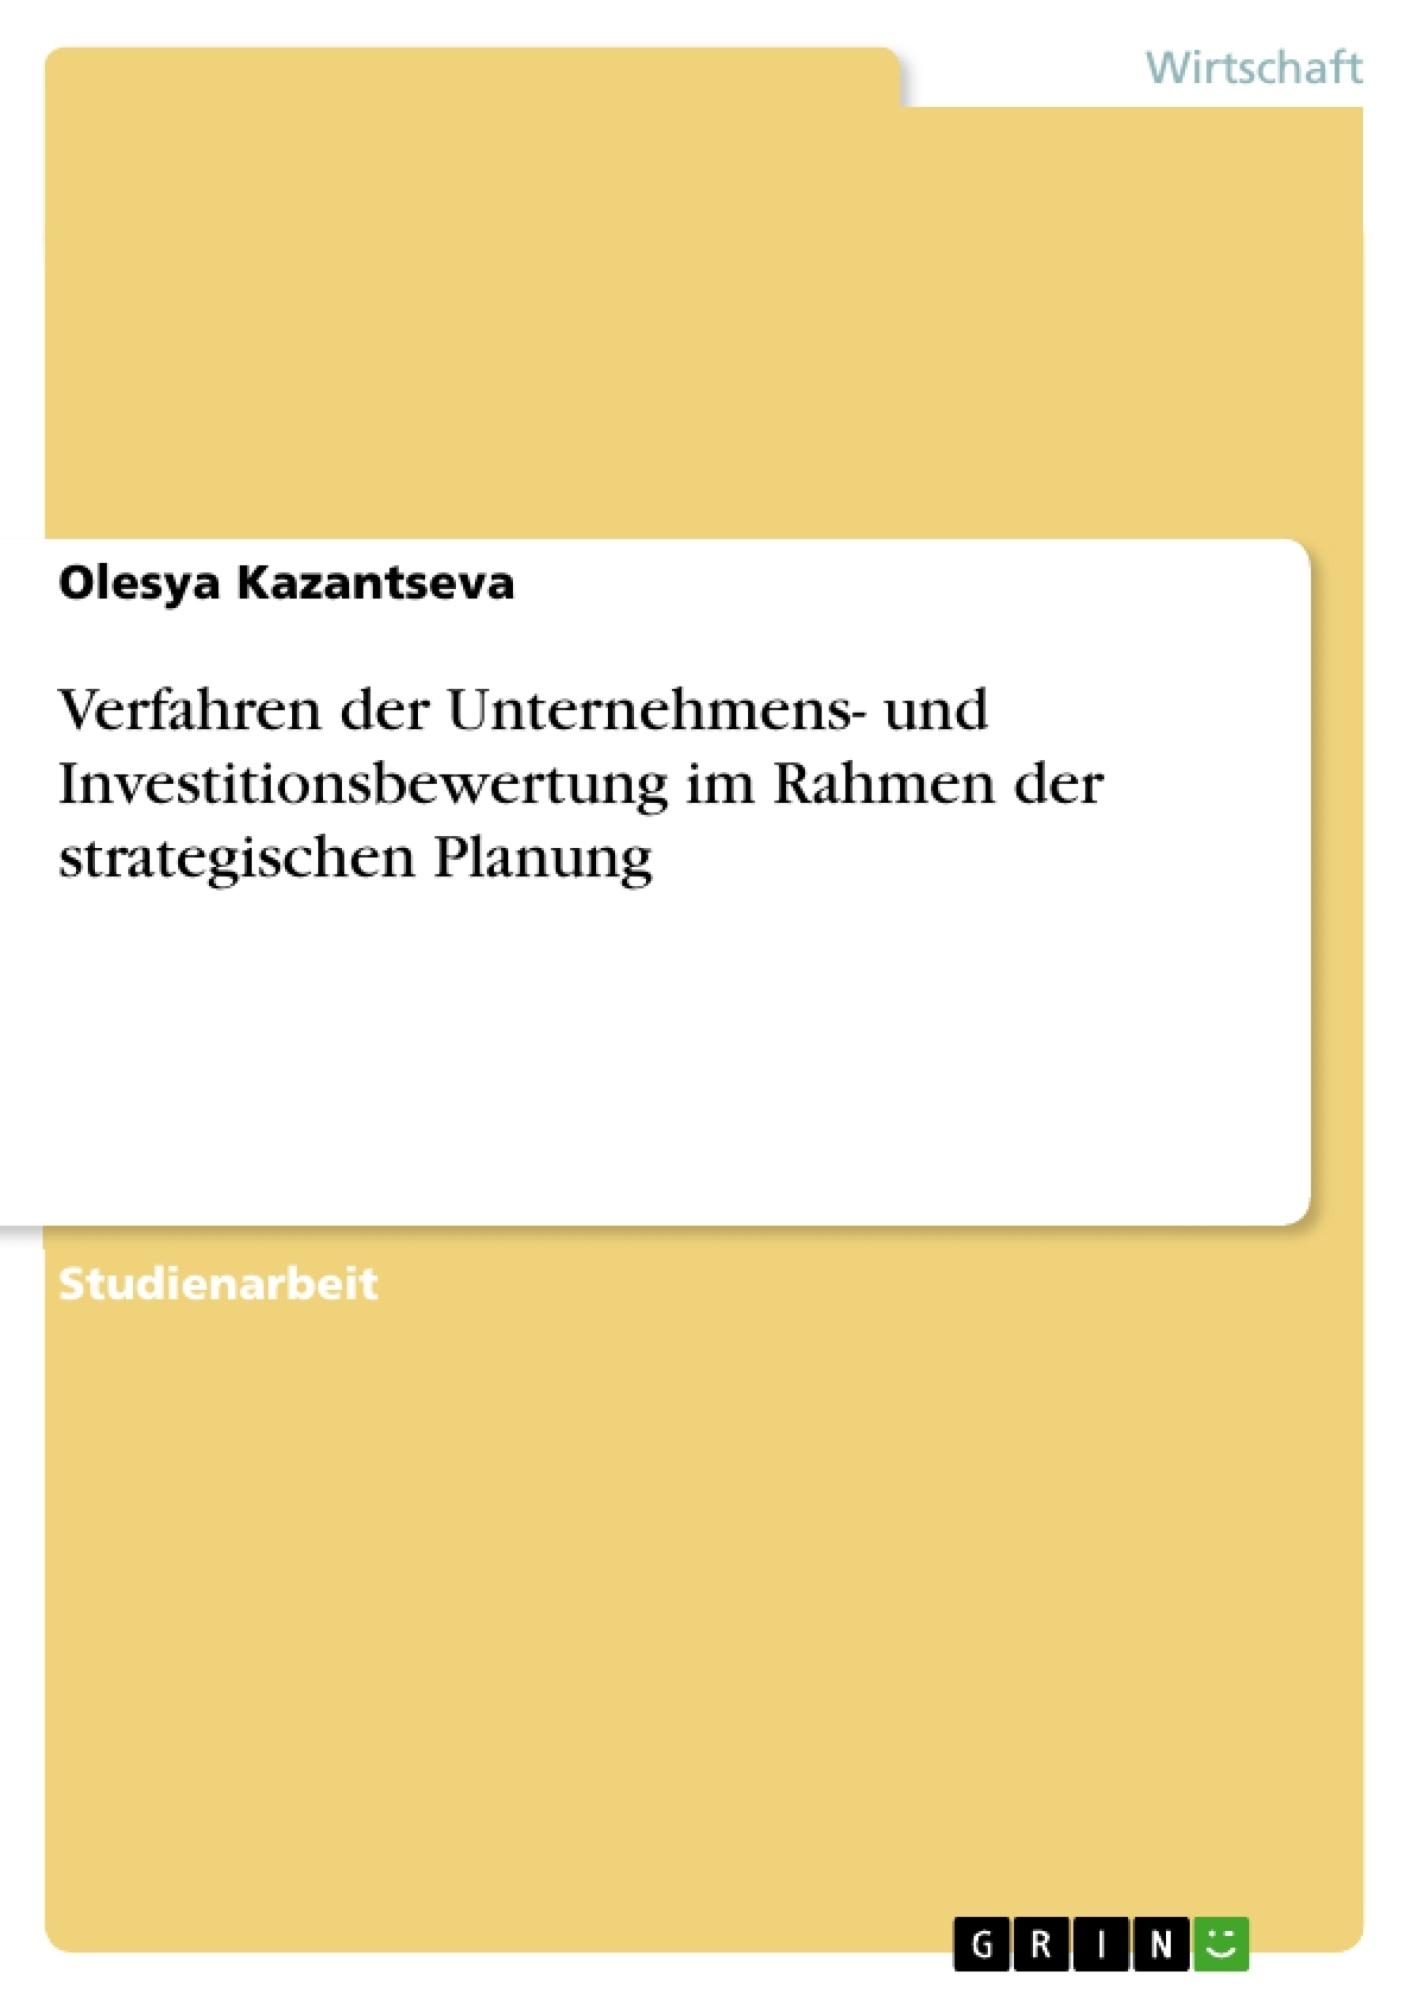 Titel: Verfahren der Unternehmens- und  Investitionsbewertung im Rahmen der strategischen Planung